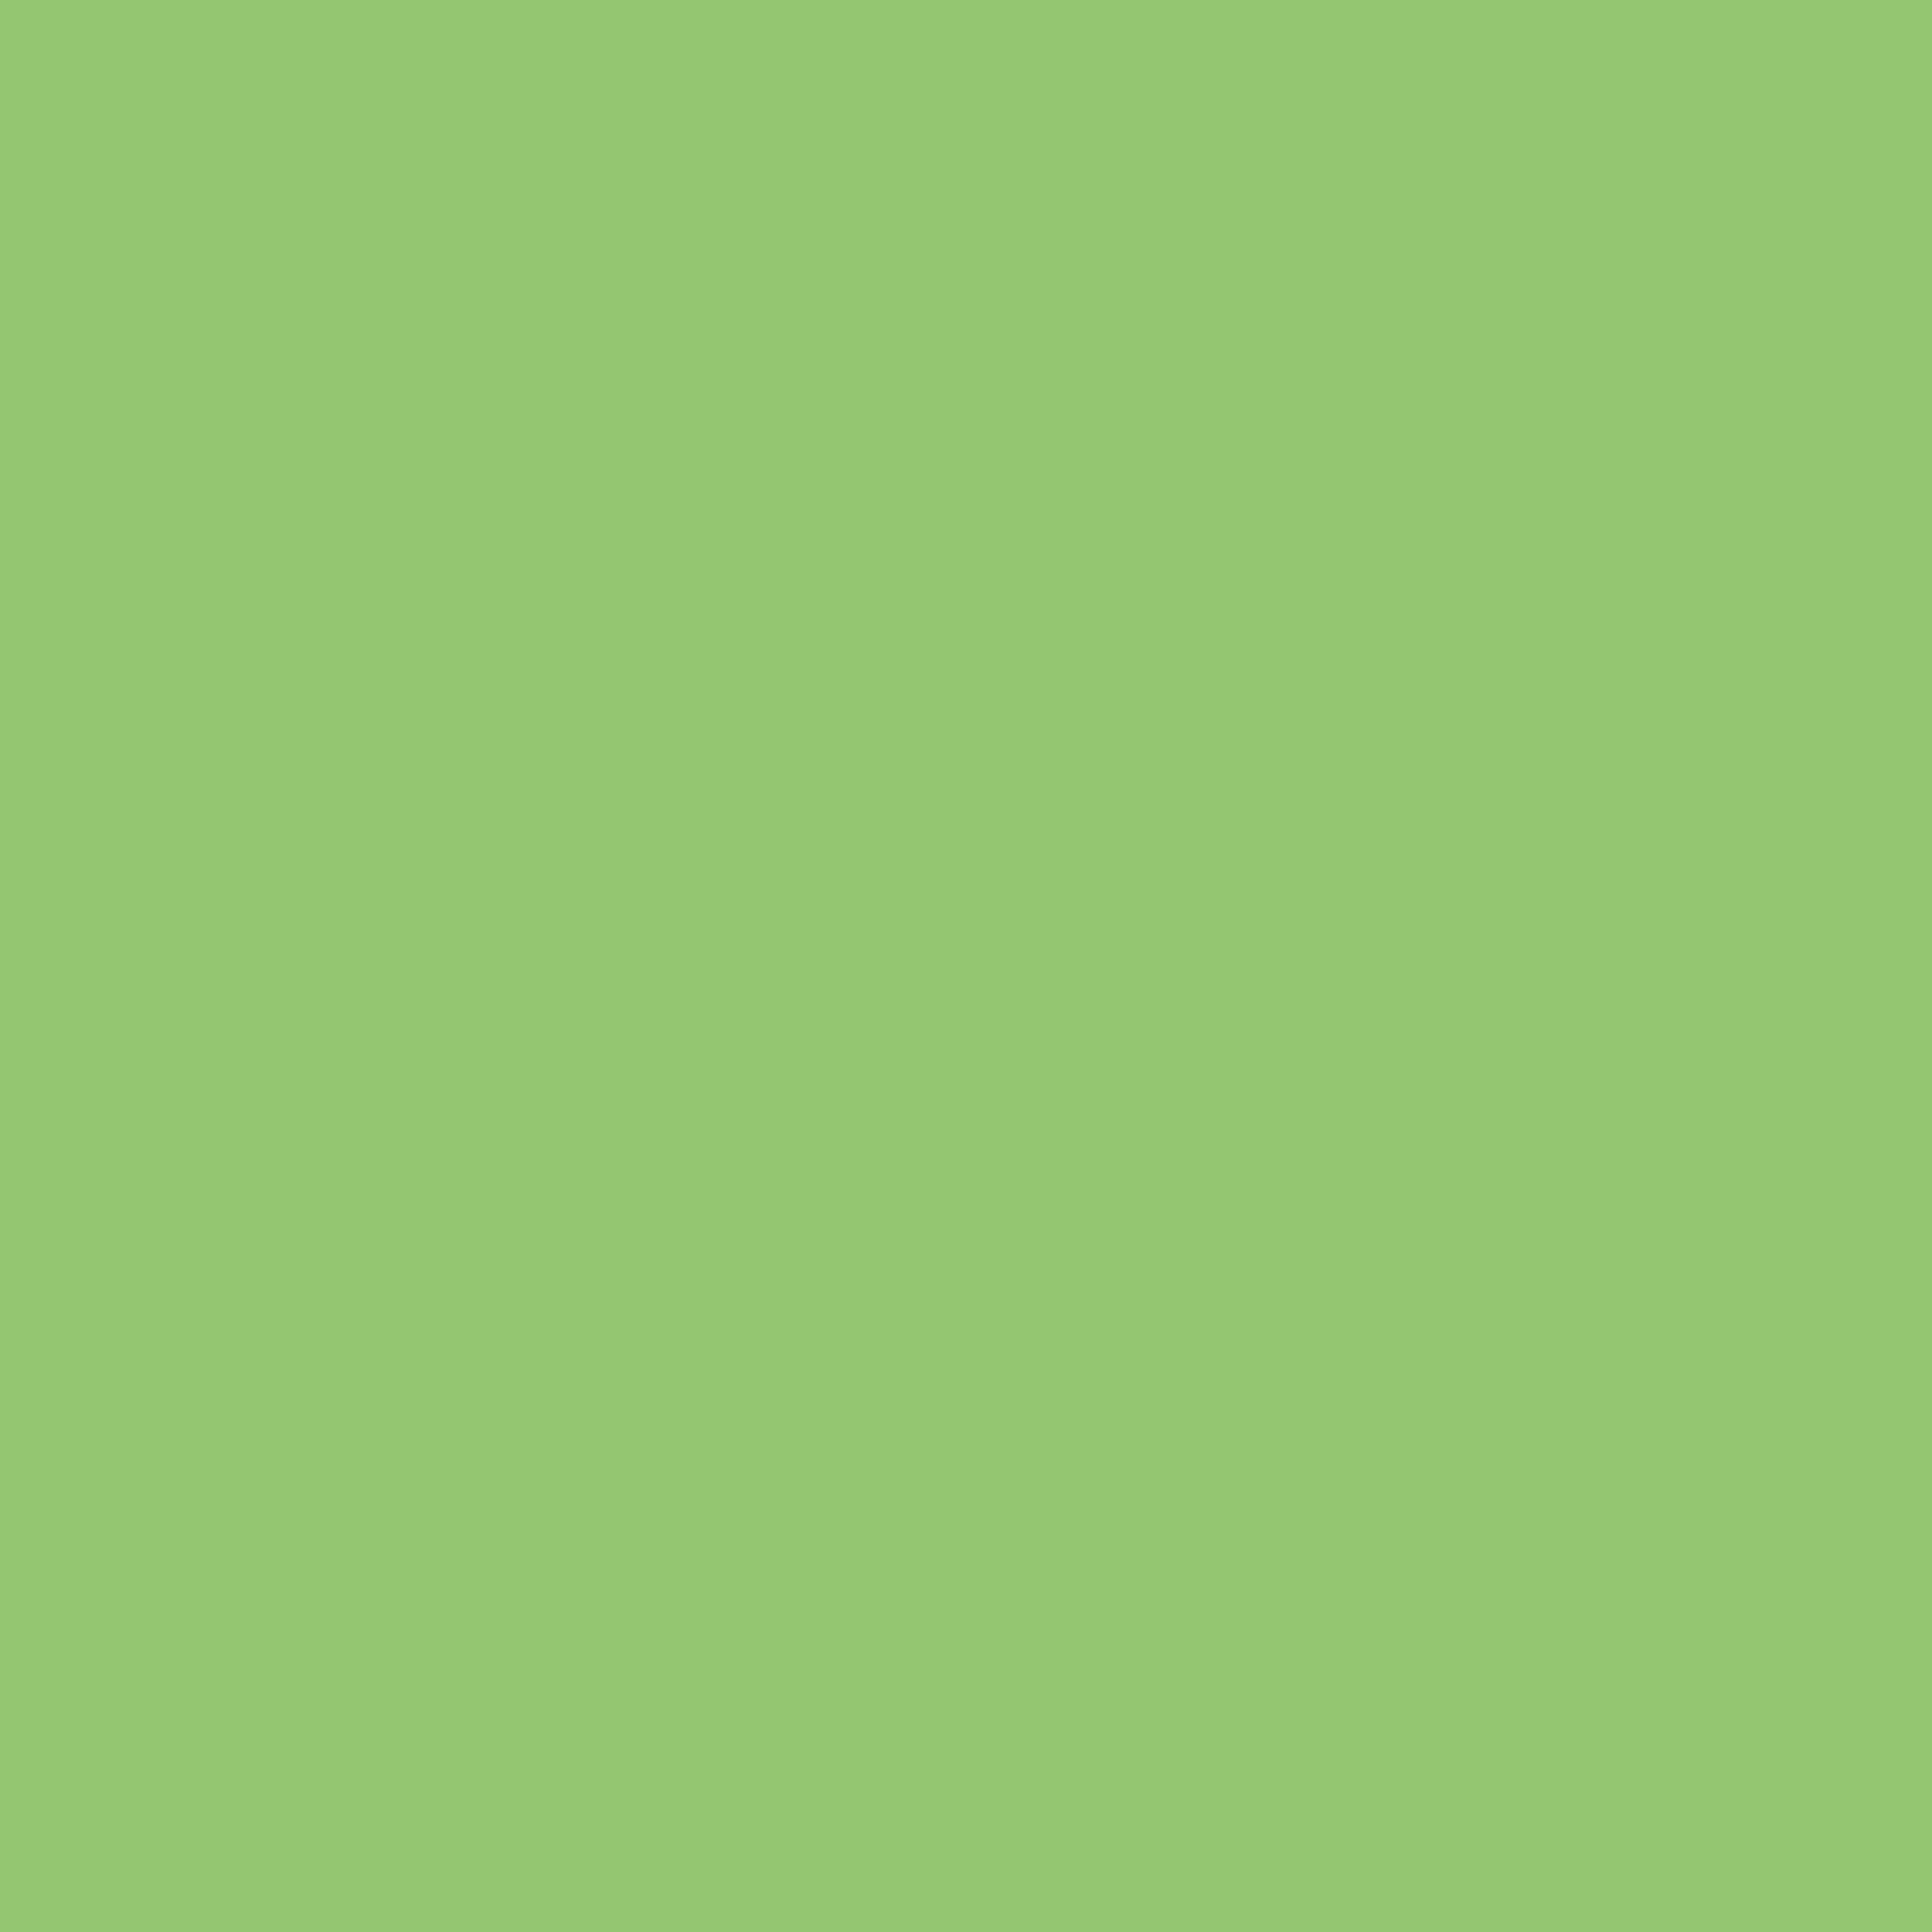 2048x2048 Pistachio Solid Color Background